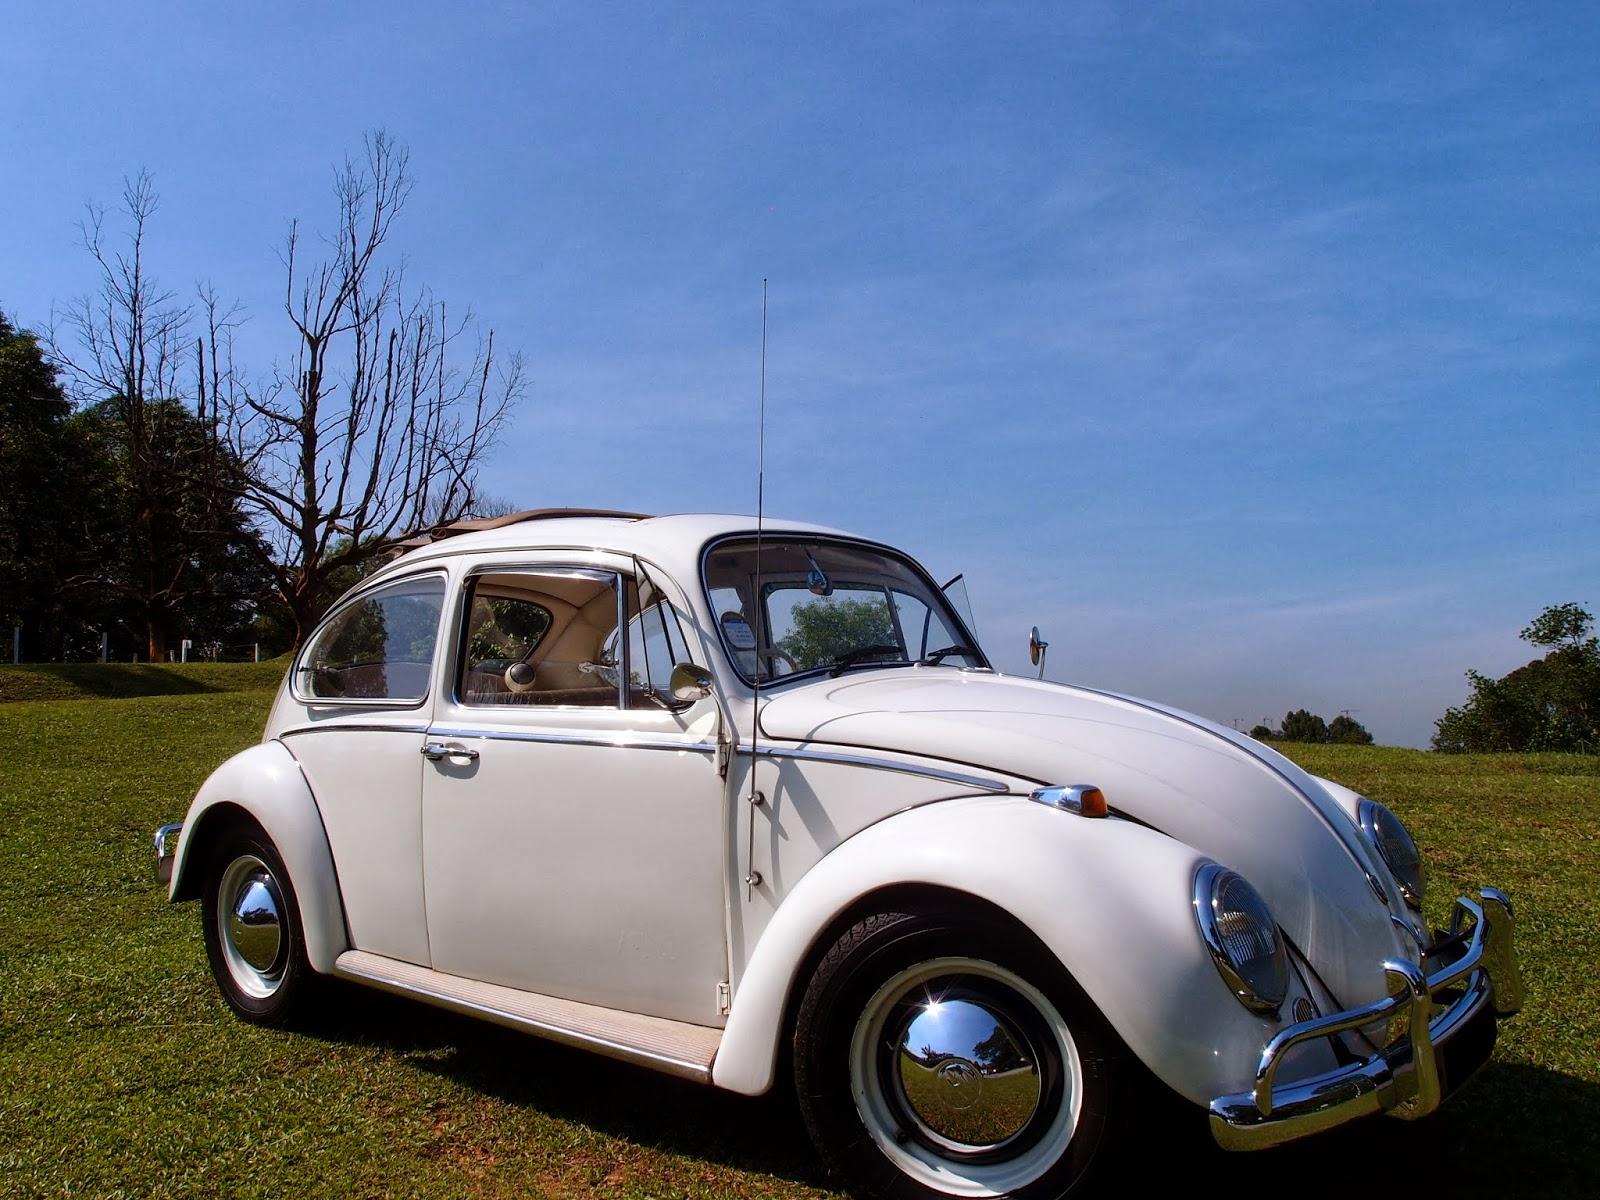 volkswagen vintage beetle whiteweddingcars